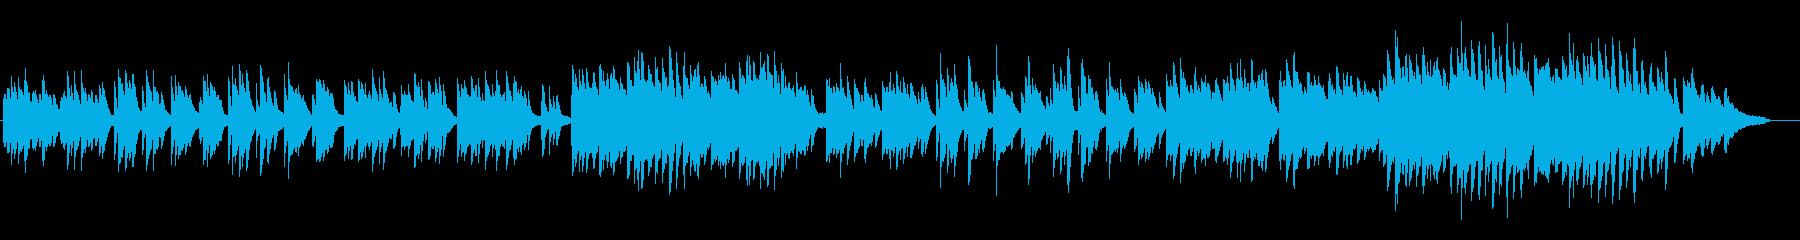 劇伴20A、ノスタルジック、ピアノ・ソロの再生済みの波形